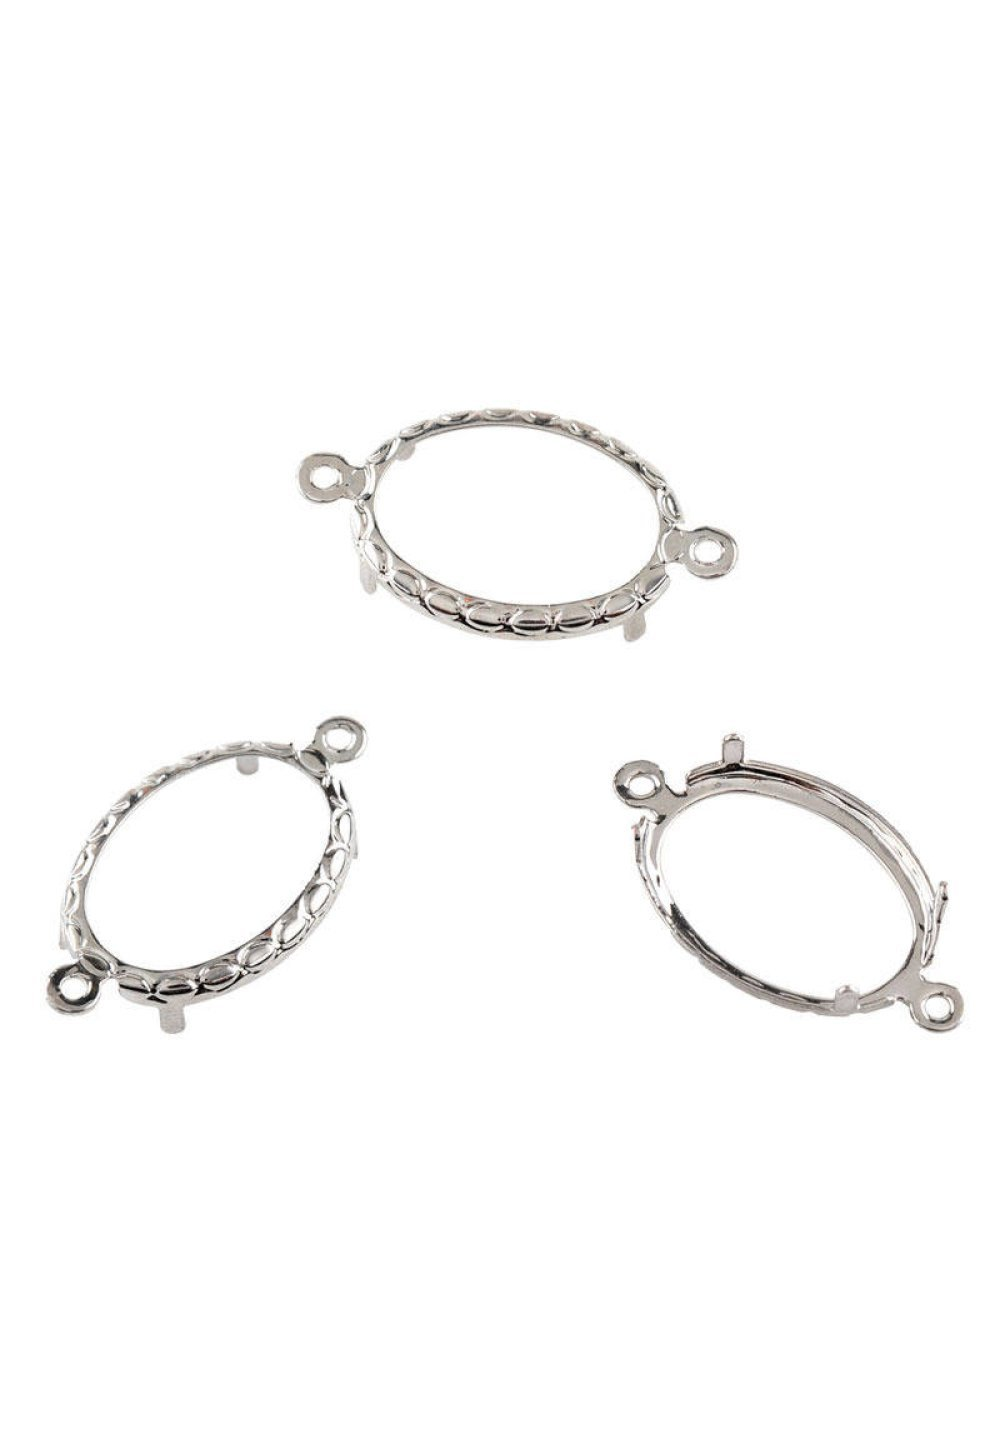 connecteurs supports cabochon 14 x 10 mm ovale métal argenté griffes x 2